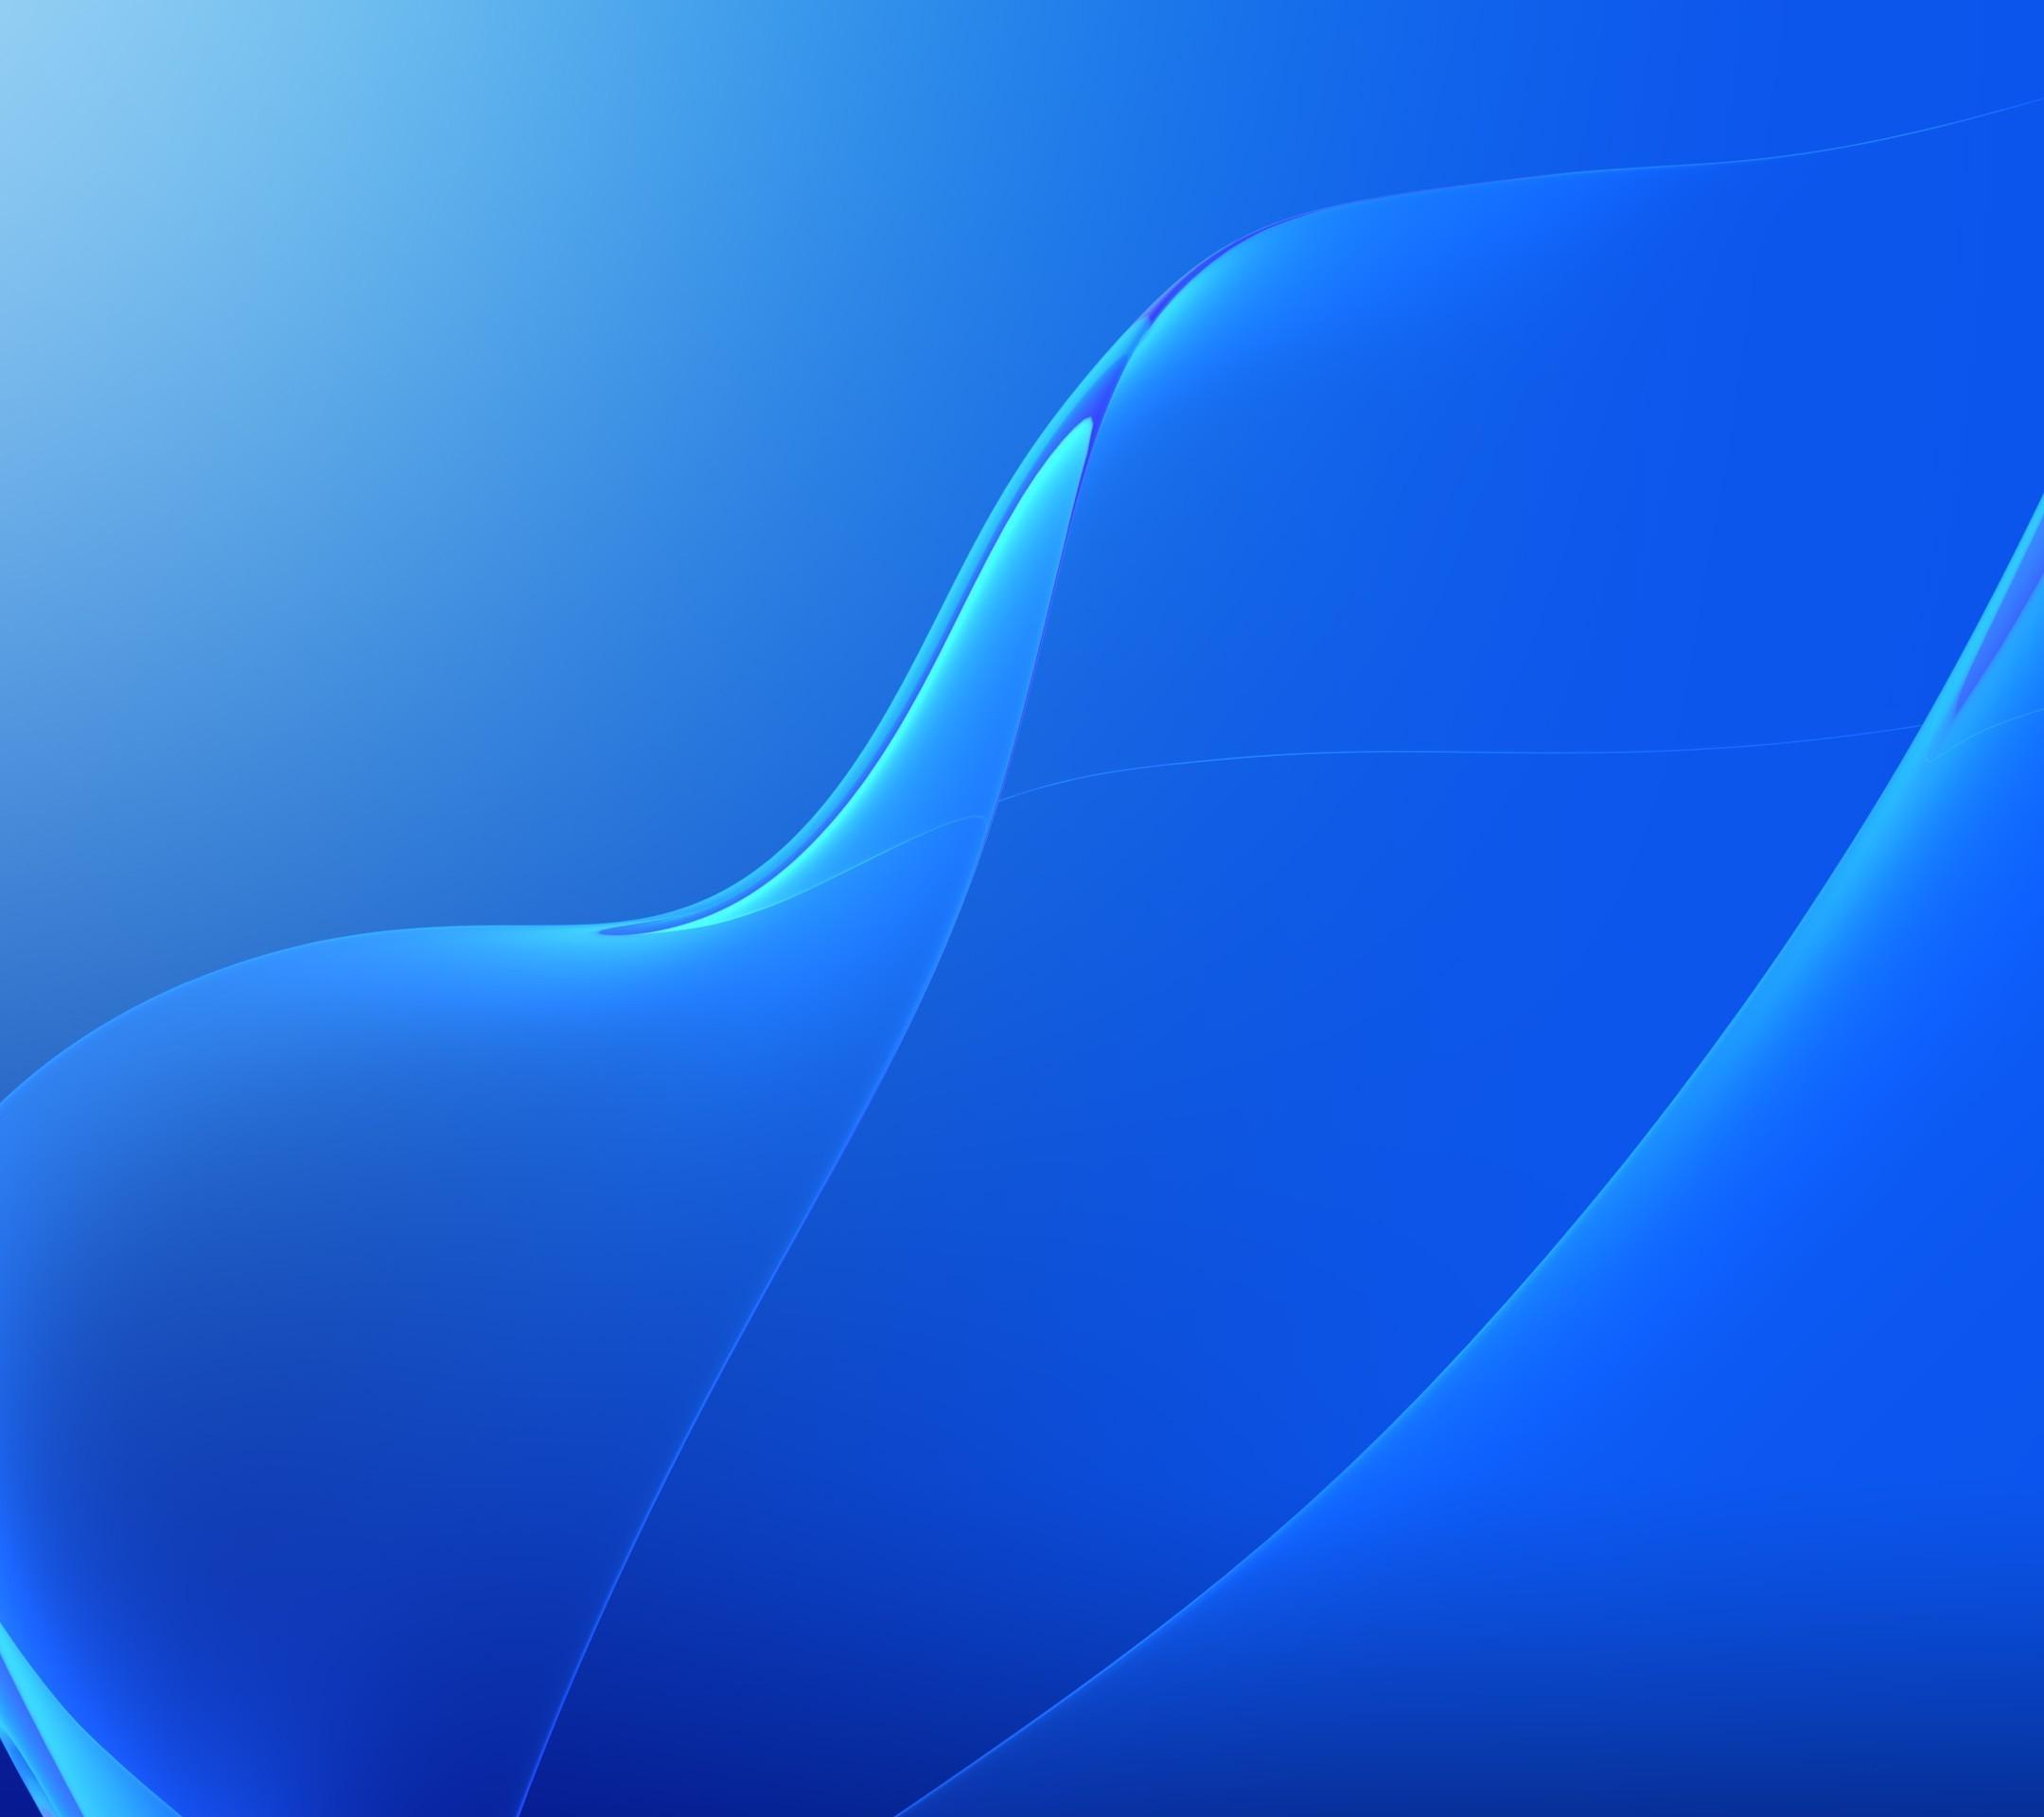 Download 800+ Wallpaper Biru Gelombang HD Terbaik